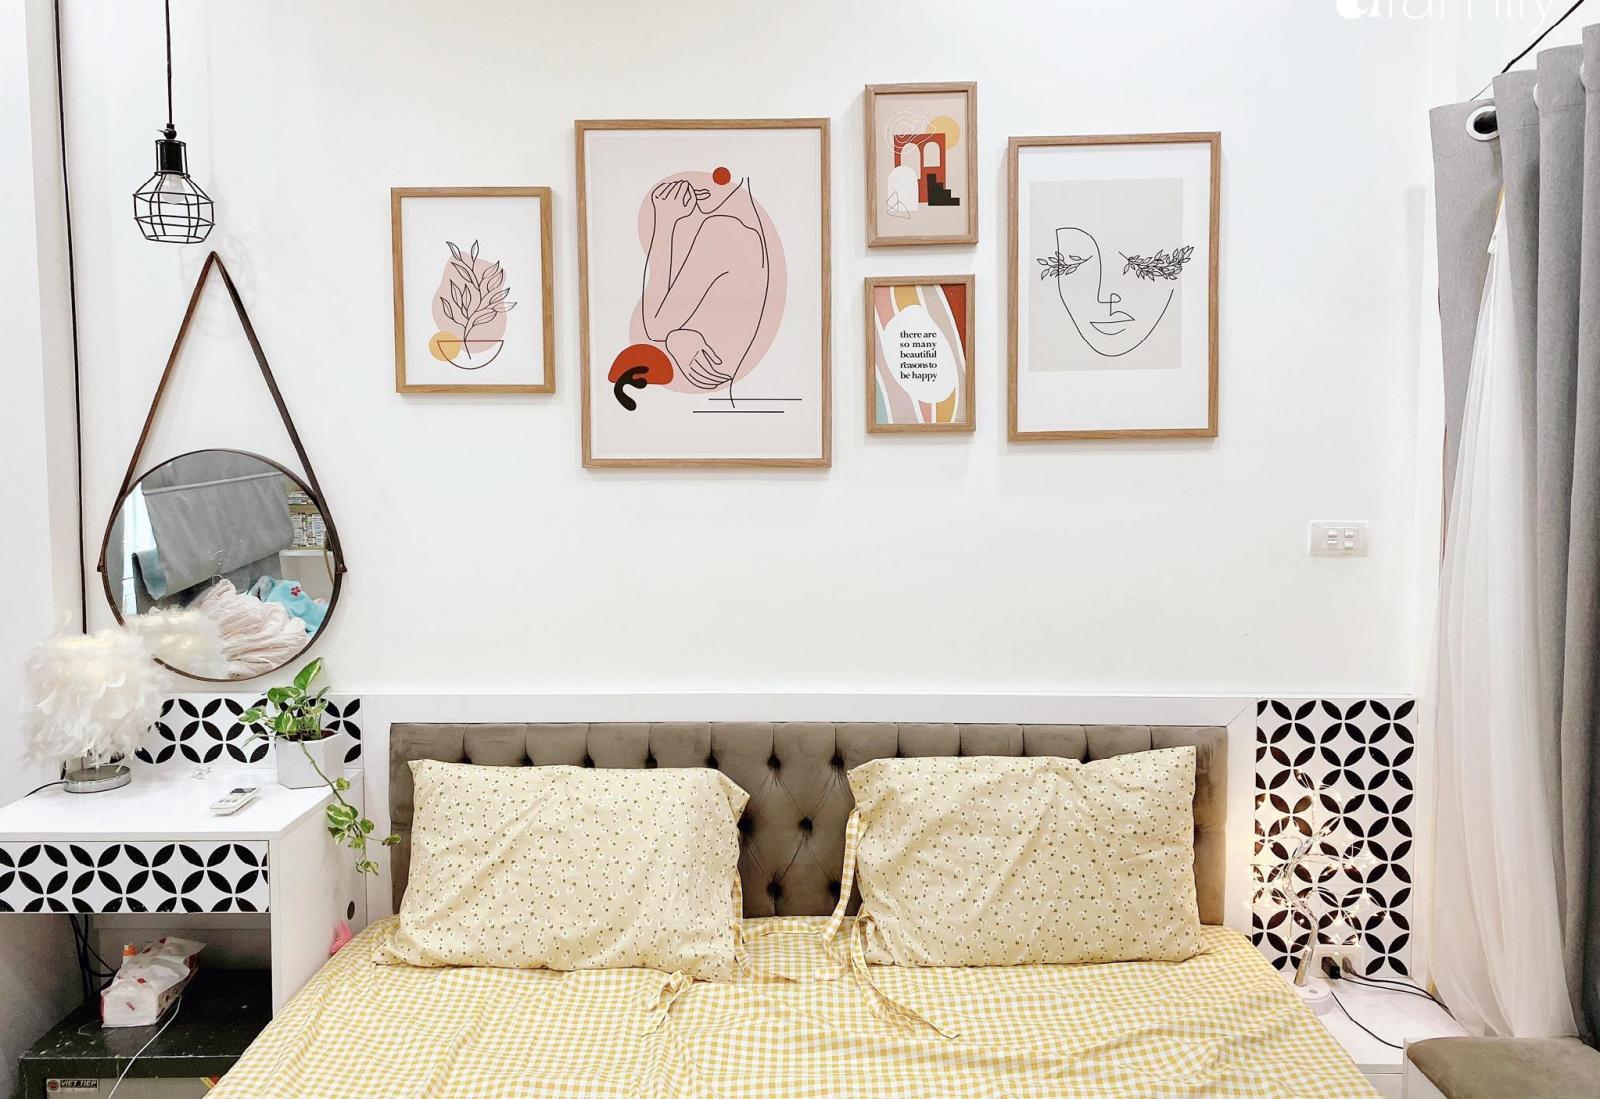 Căn phòng ngủ với tông màu trẻ trung, hiện đại